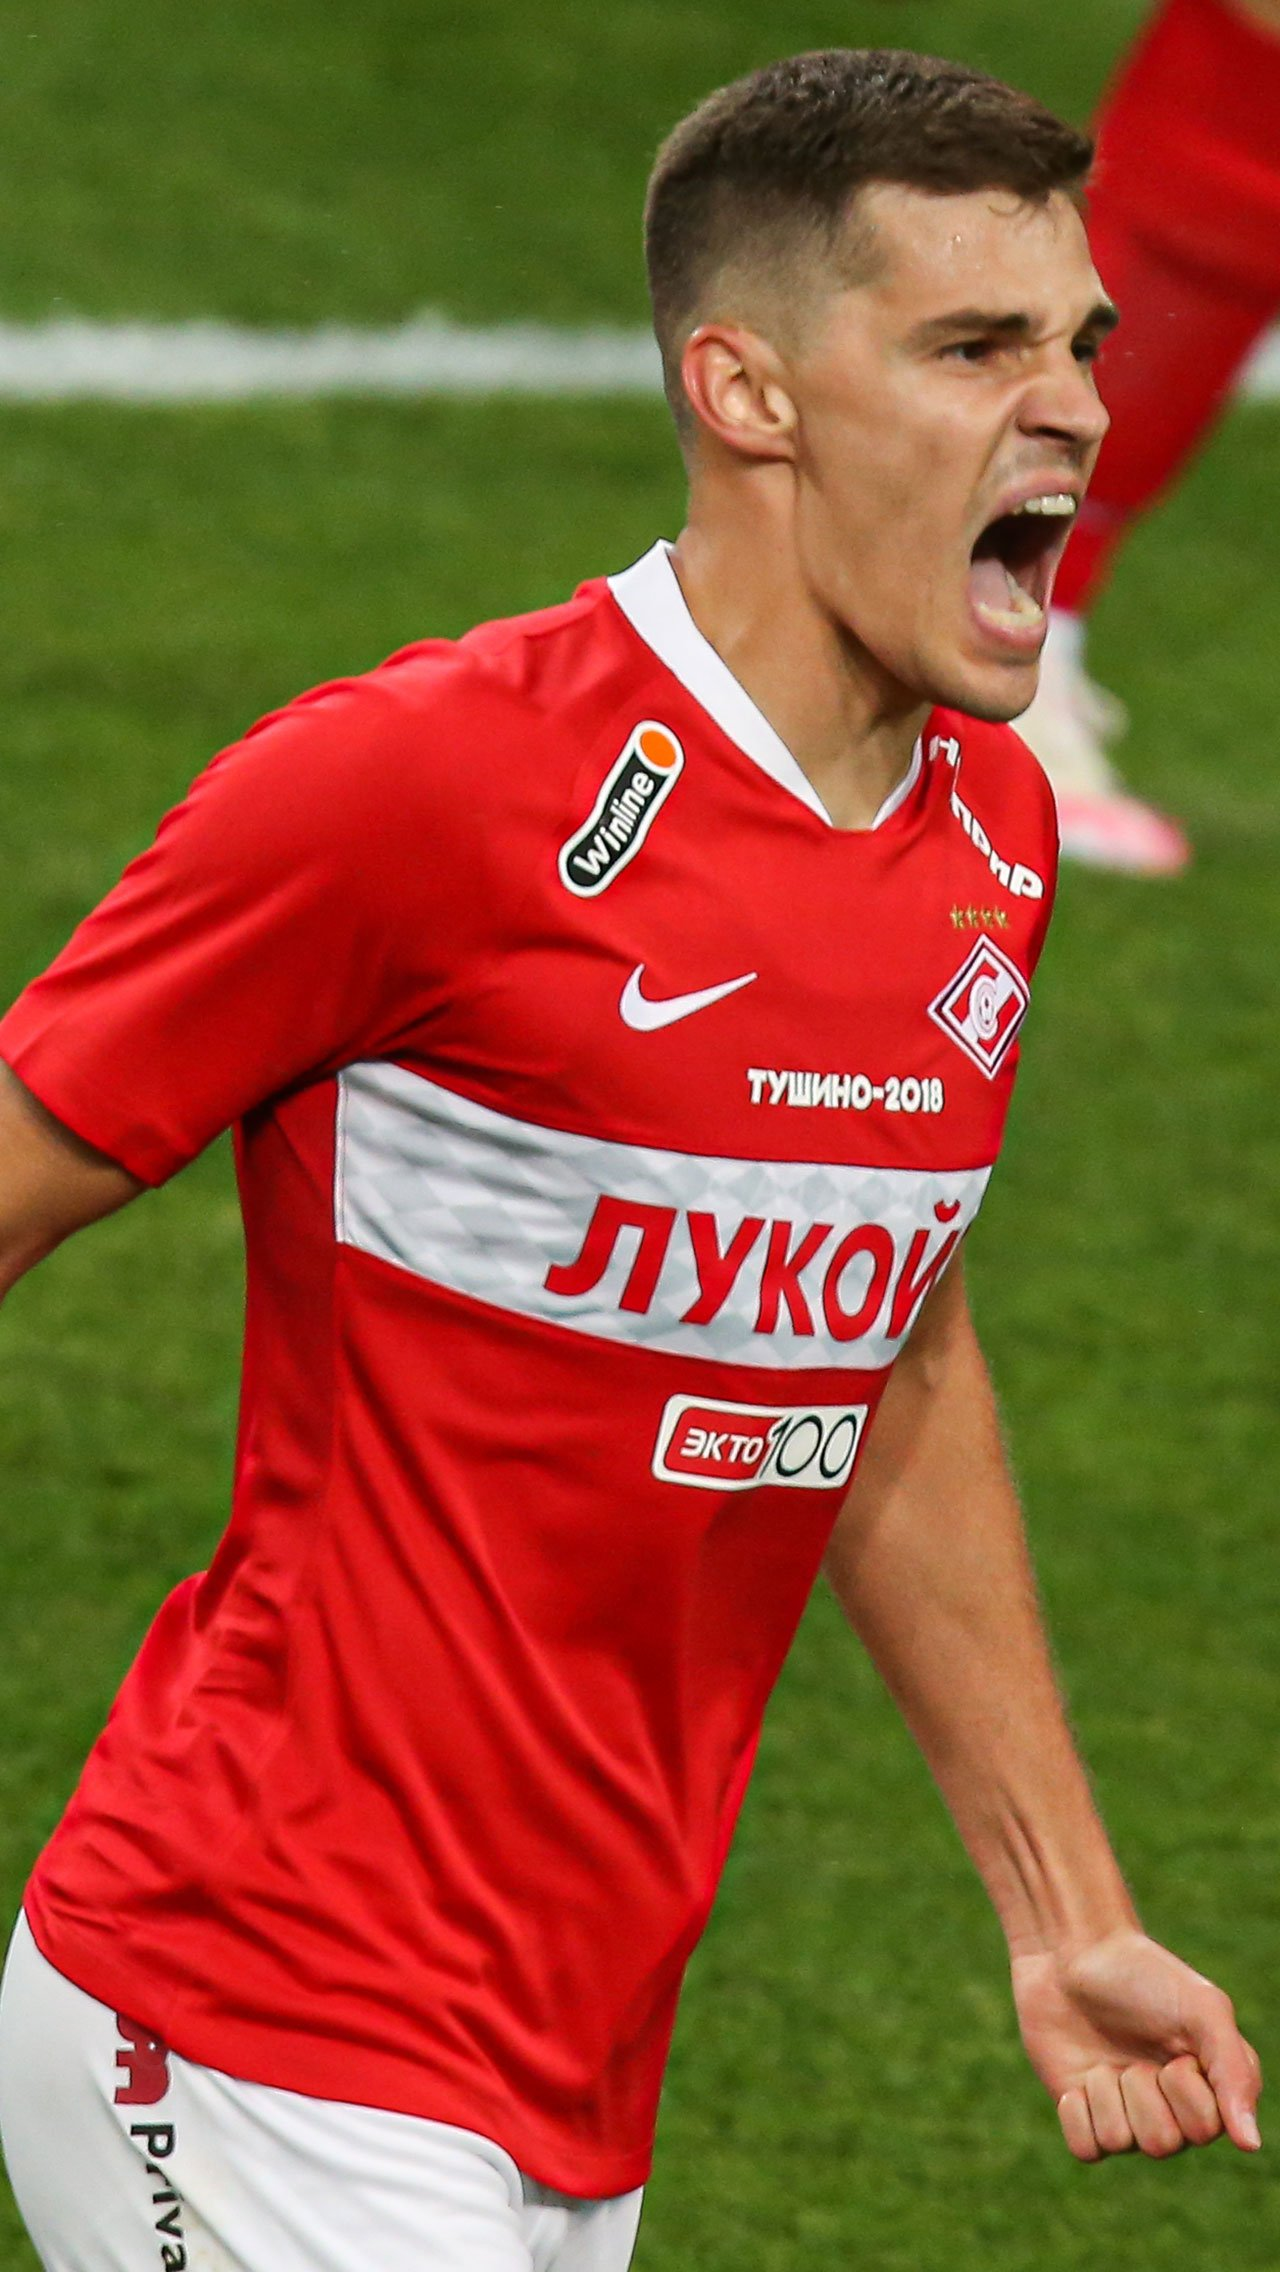 Кстати, олимпийский чемпион из России за главную победу в жизни получит в 6 раз меньше, чем футболист Роман Зобнин за месяц. Как сообщалось, его зарплата в «Спартаке» – 3,5 млн евро в год.